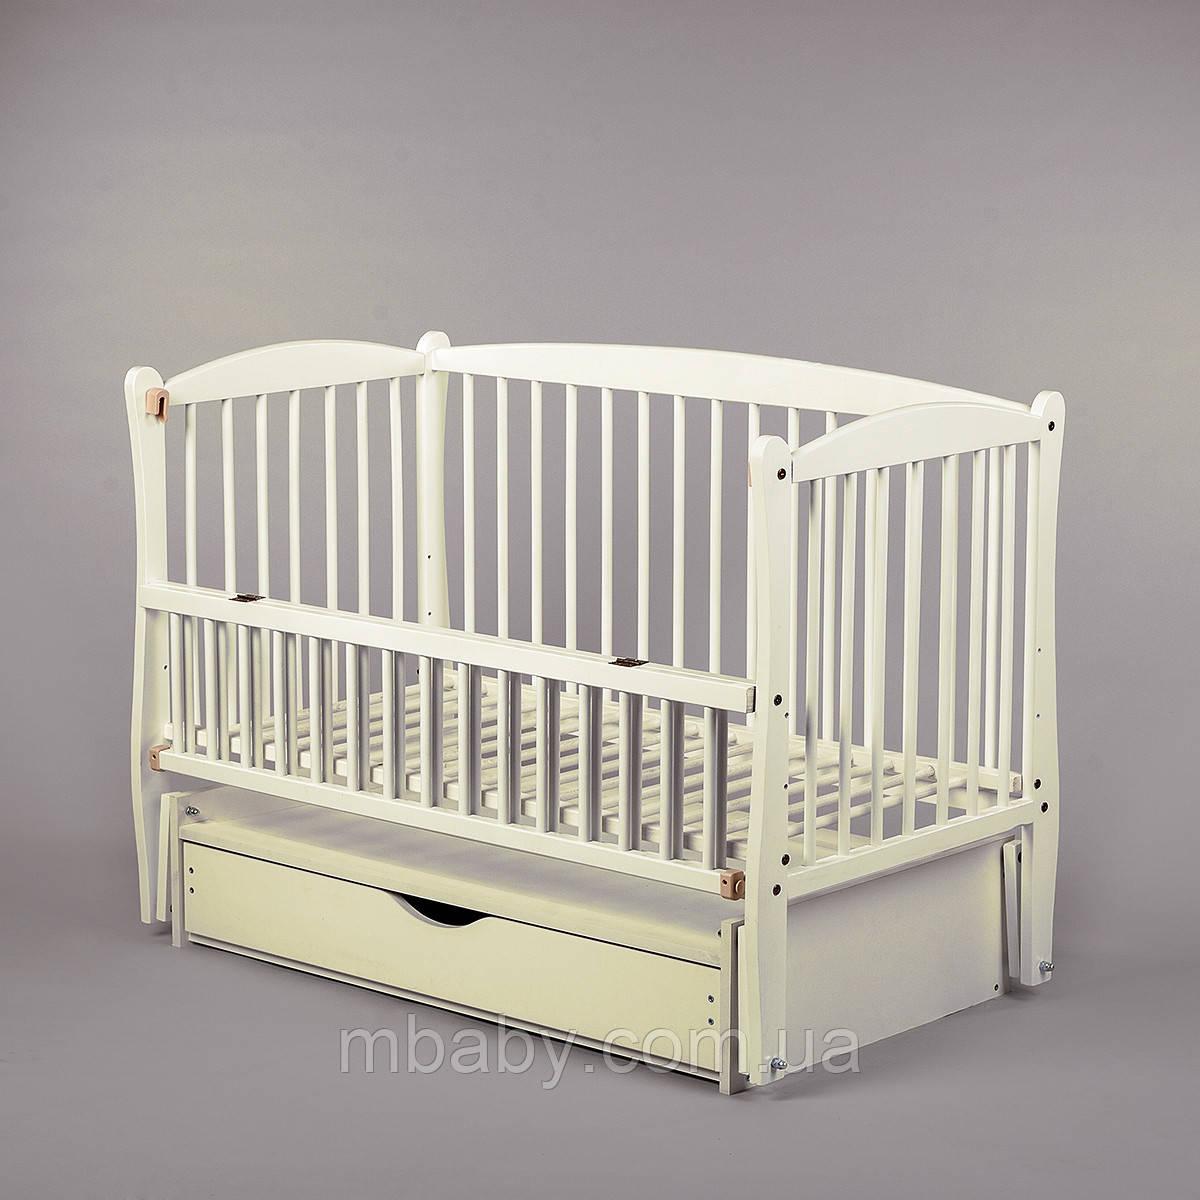 Детская кроватка Дубок Элит (цвет слоновая кость), с откидной боковины на маятнике с ящиком